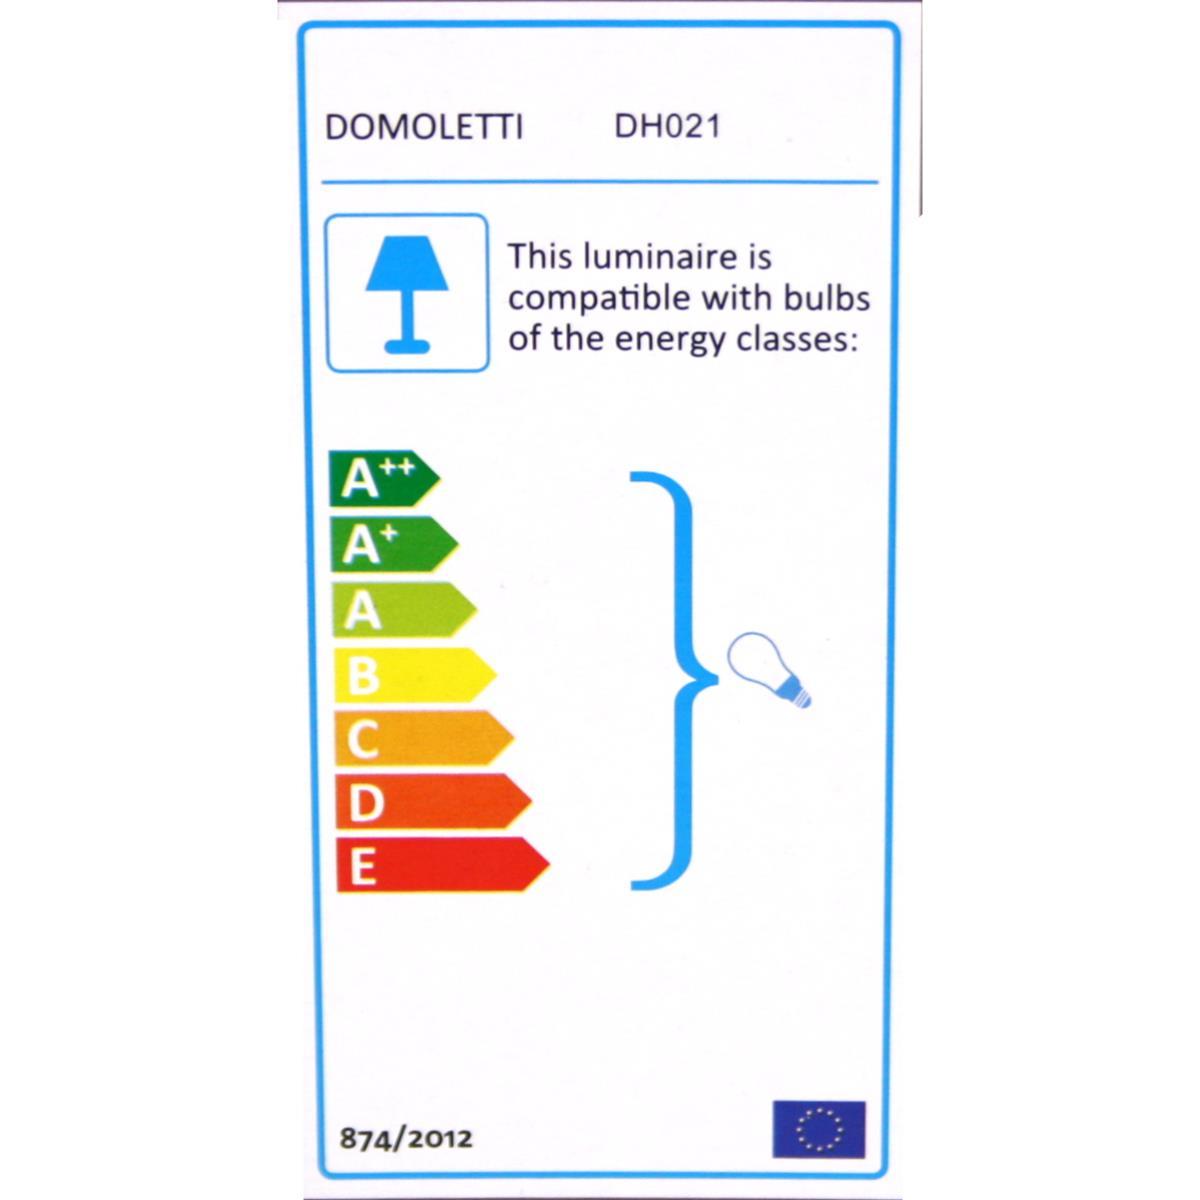 2x Außenleuchte Wandleuchte Wandlampe Flurlampe Badleuchte Beleuchtung Wohnraum ,Domoletti,DH021B, 0676424770944